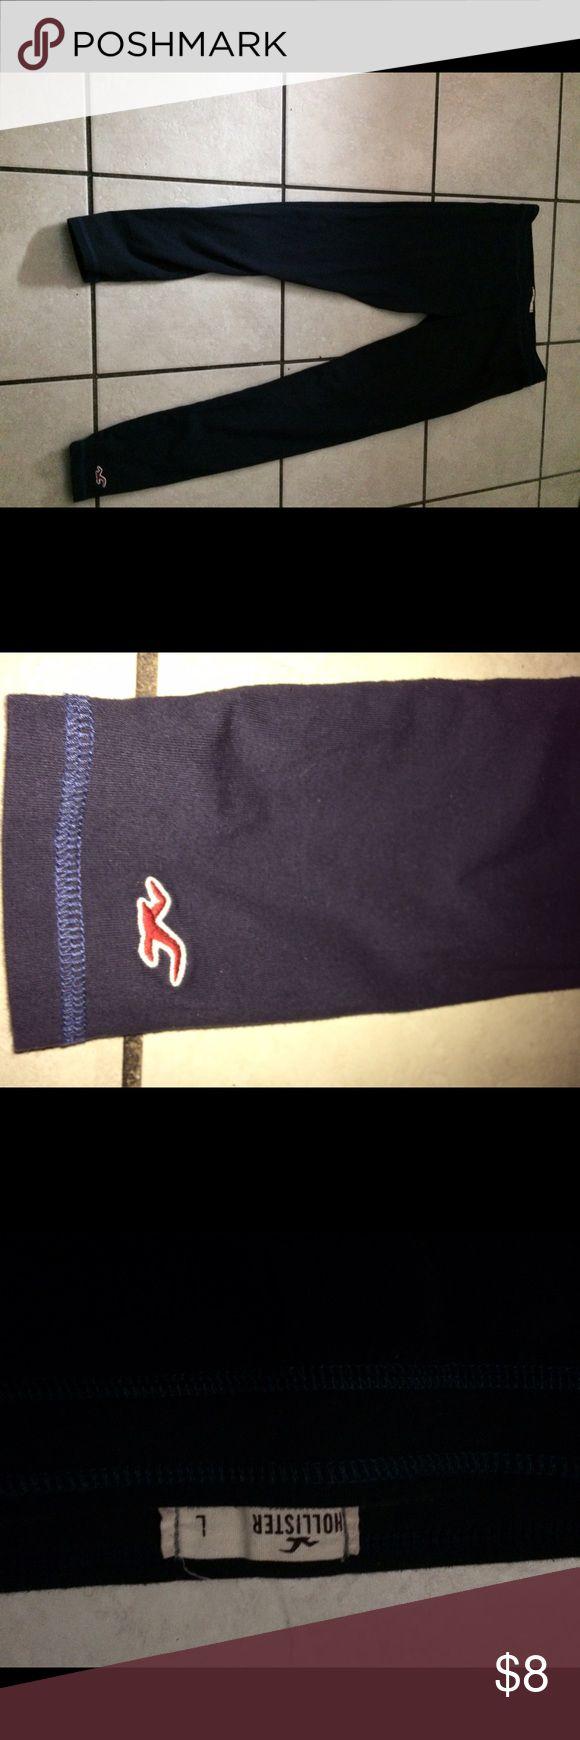 Hollister Leggings (Navy Blue) Hollister Navy Blue Leggings , gently worn. Hollister Pants Leggings